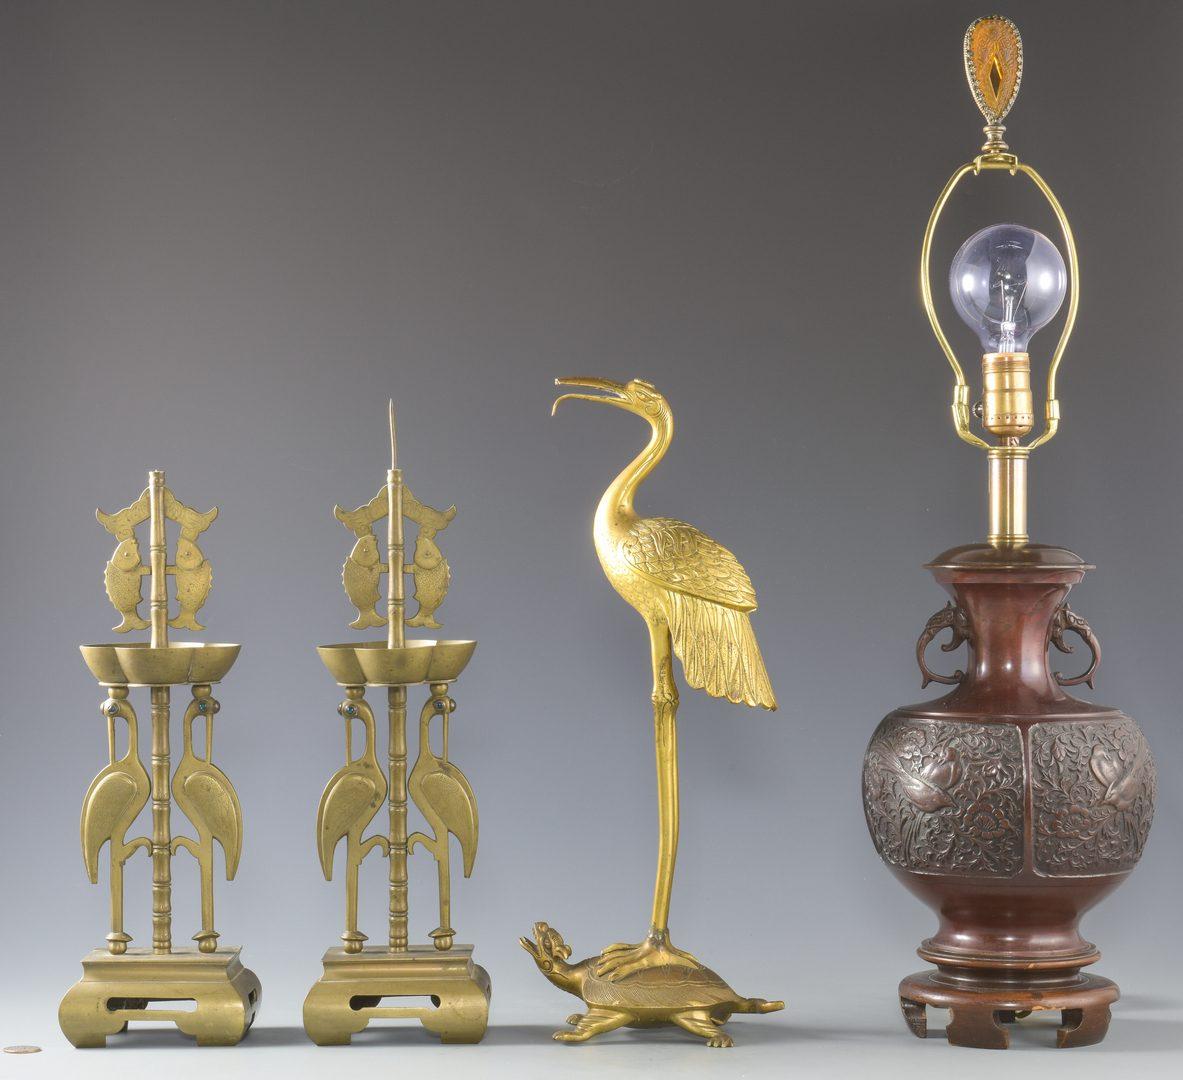 Lot 135: 3 Asian Metal Candlesticks and 1 Lamp